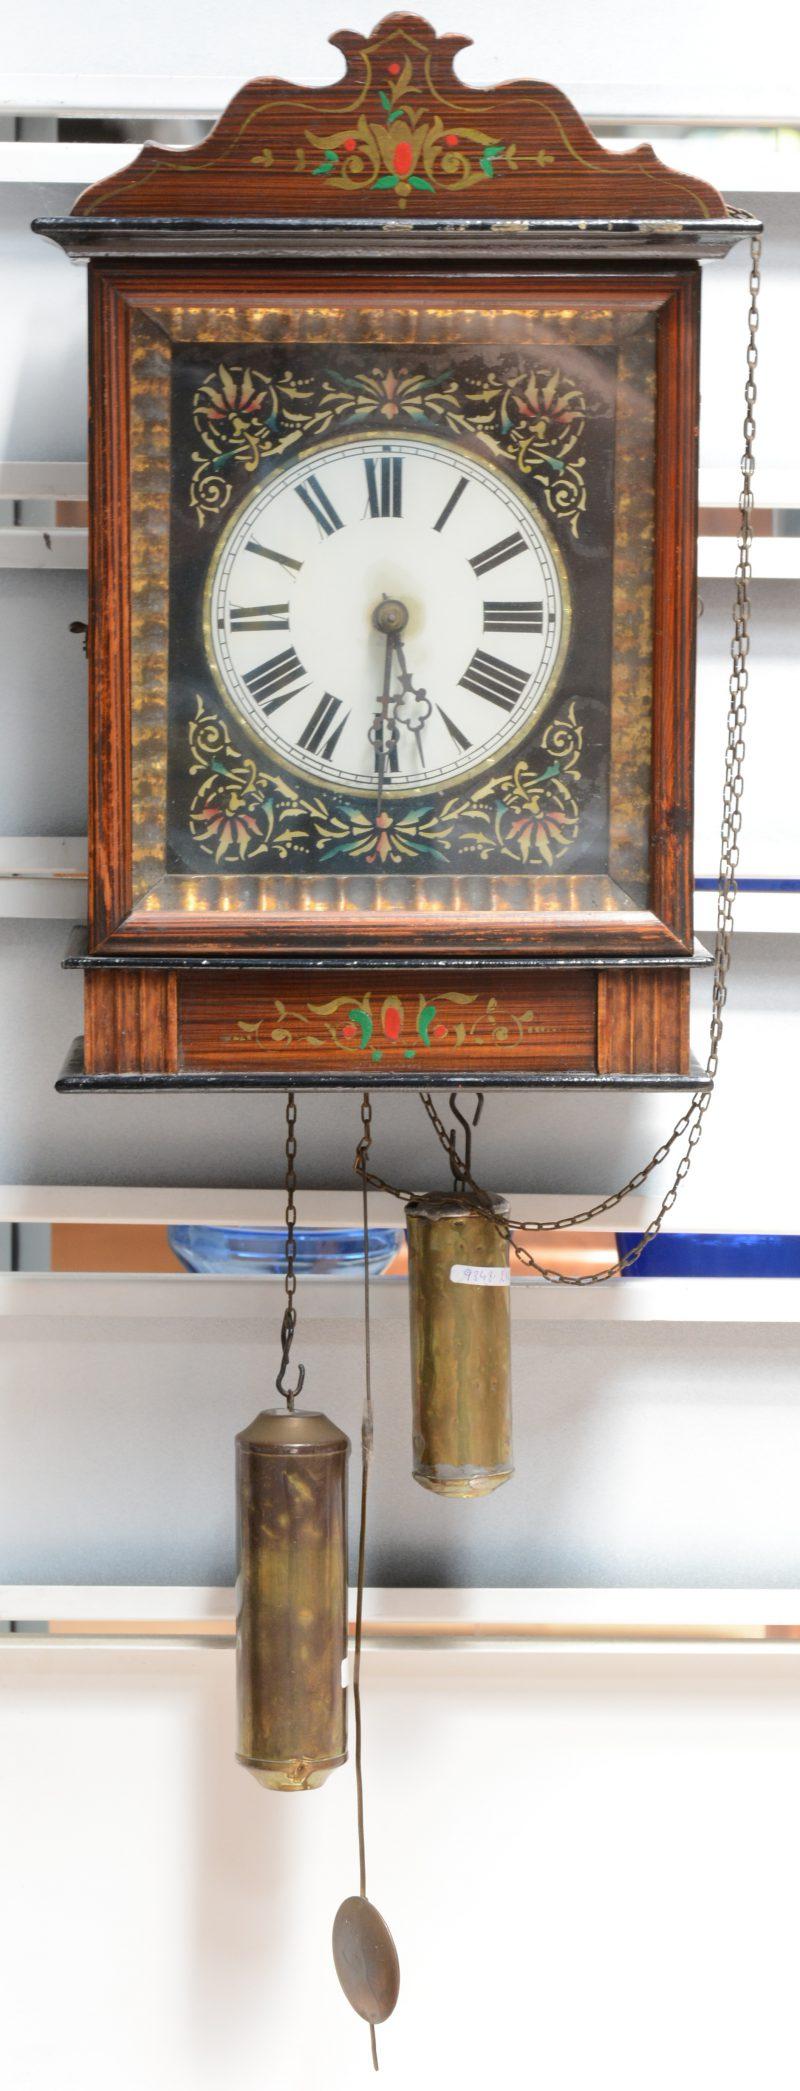 Een houten wandklok met een églomisé wijzerplaat met versieringen.